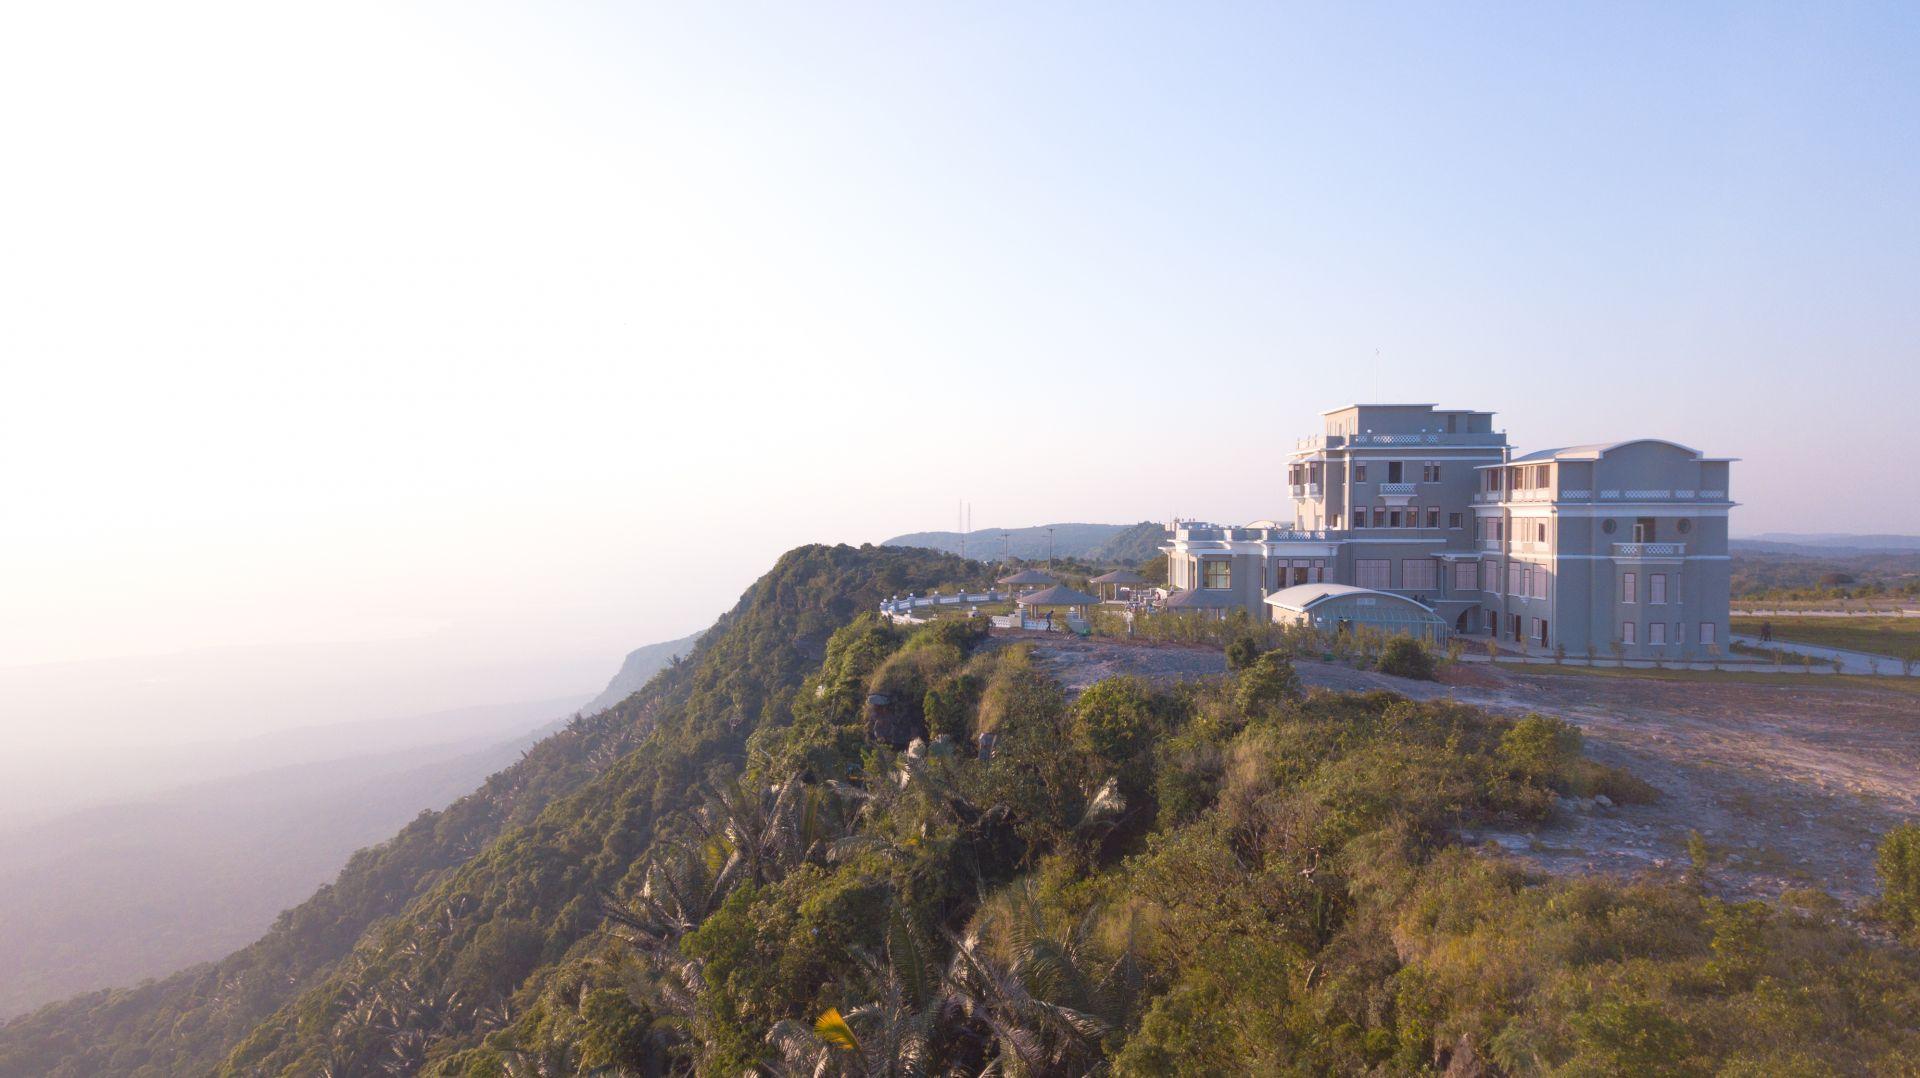 柬埔寨不只有吳哥窟!走進秘境波哥山,探訪皇室御選避暑勝地